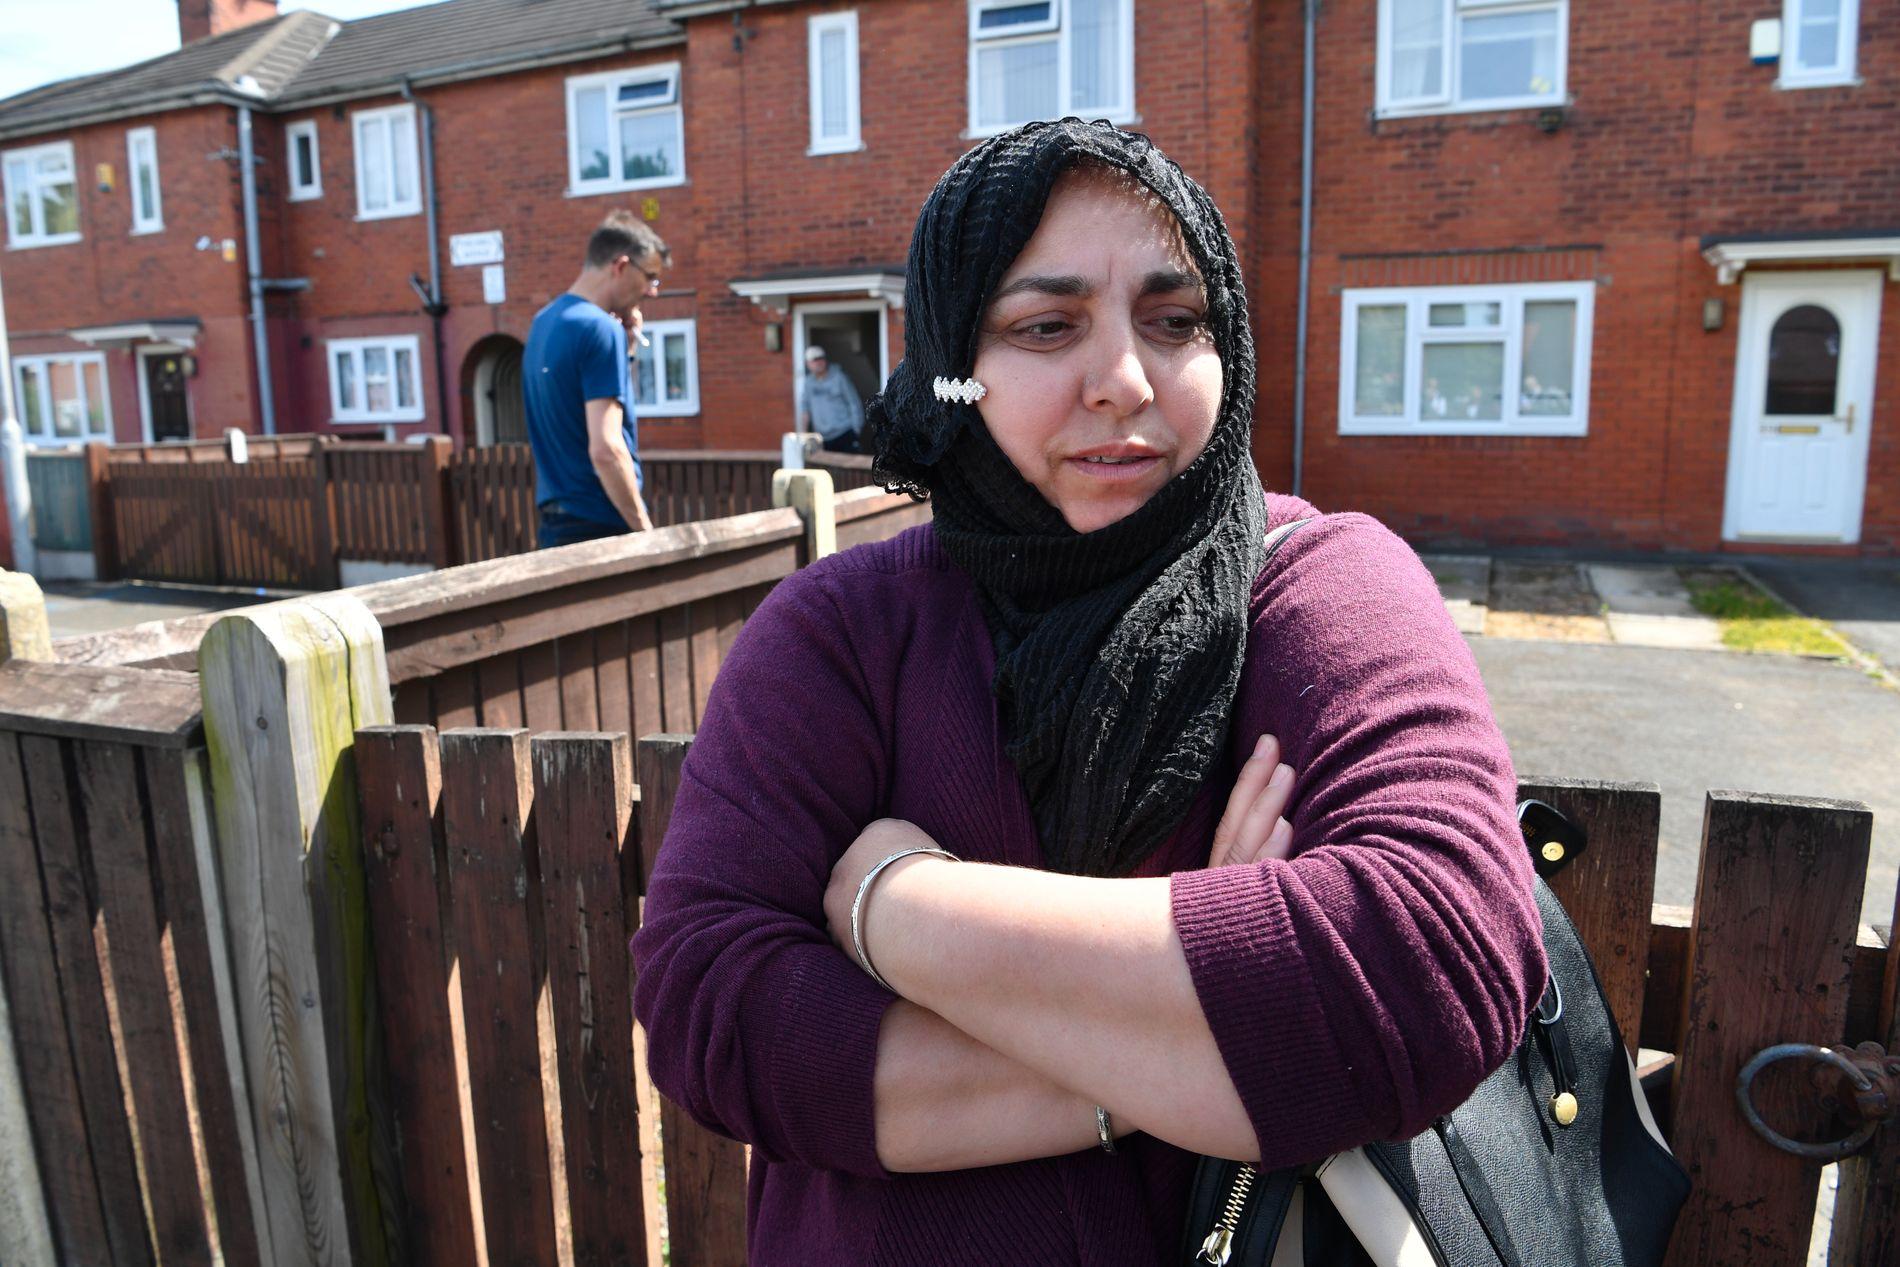 BORTE: Den voksne kvinnen som bodde i huset var hyggelig og jobbet som koranlærer i den lokale moskeen, forteller Farzana Kosur. Hun har møtt henne der flere ganger, men nå har hun ikke sett henne på to måneder.